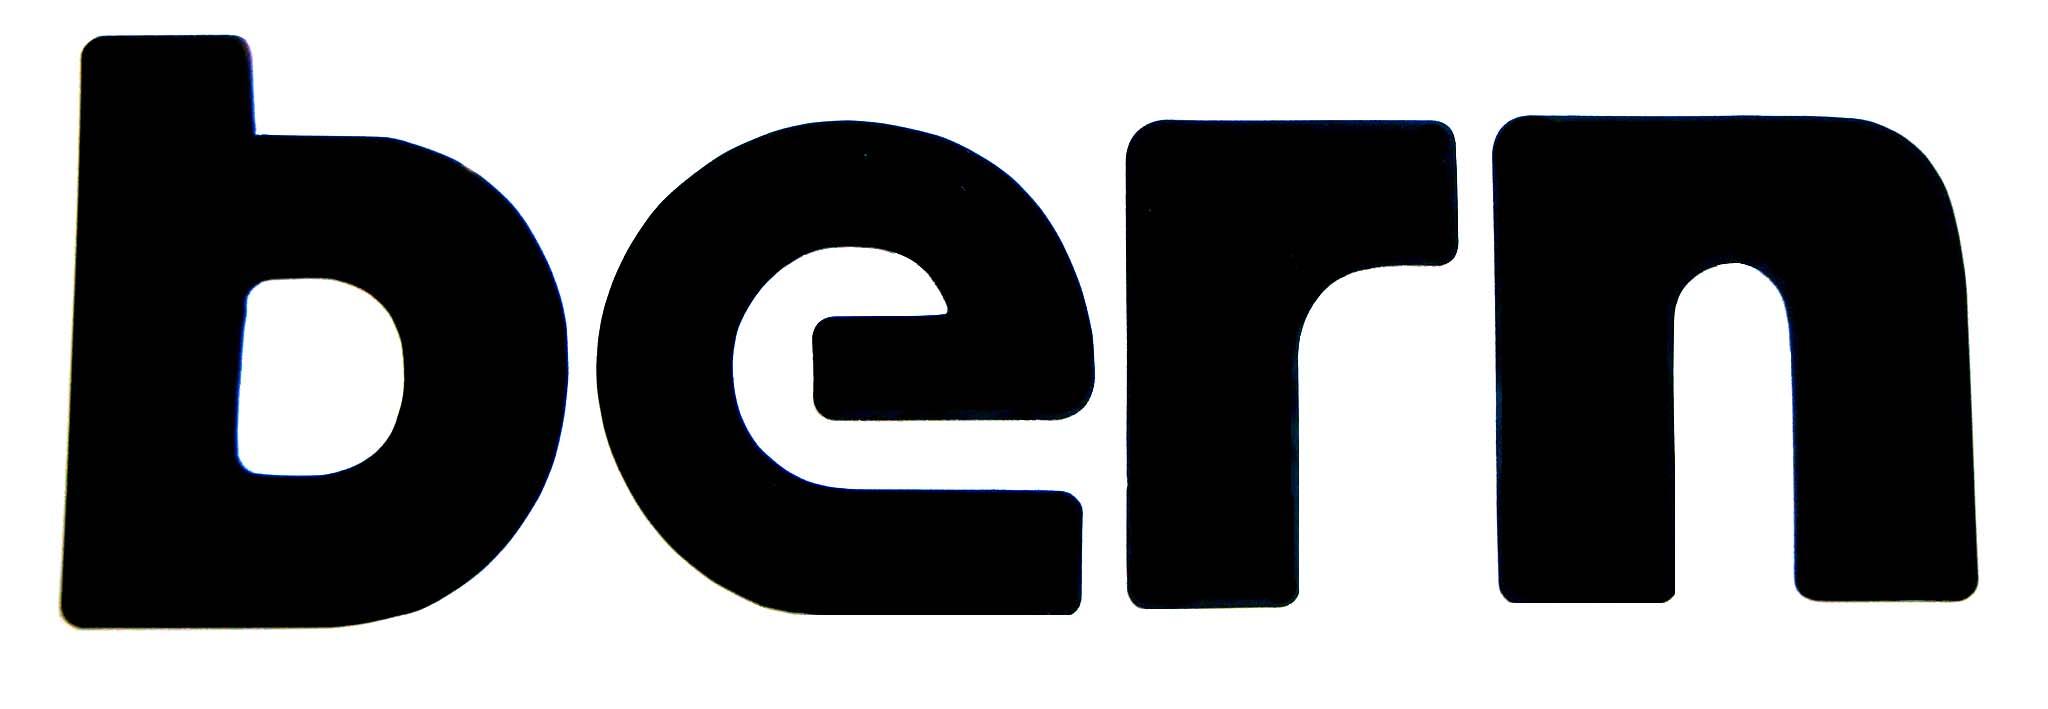 bern-logo.jpg